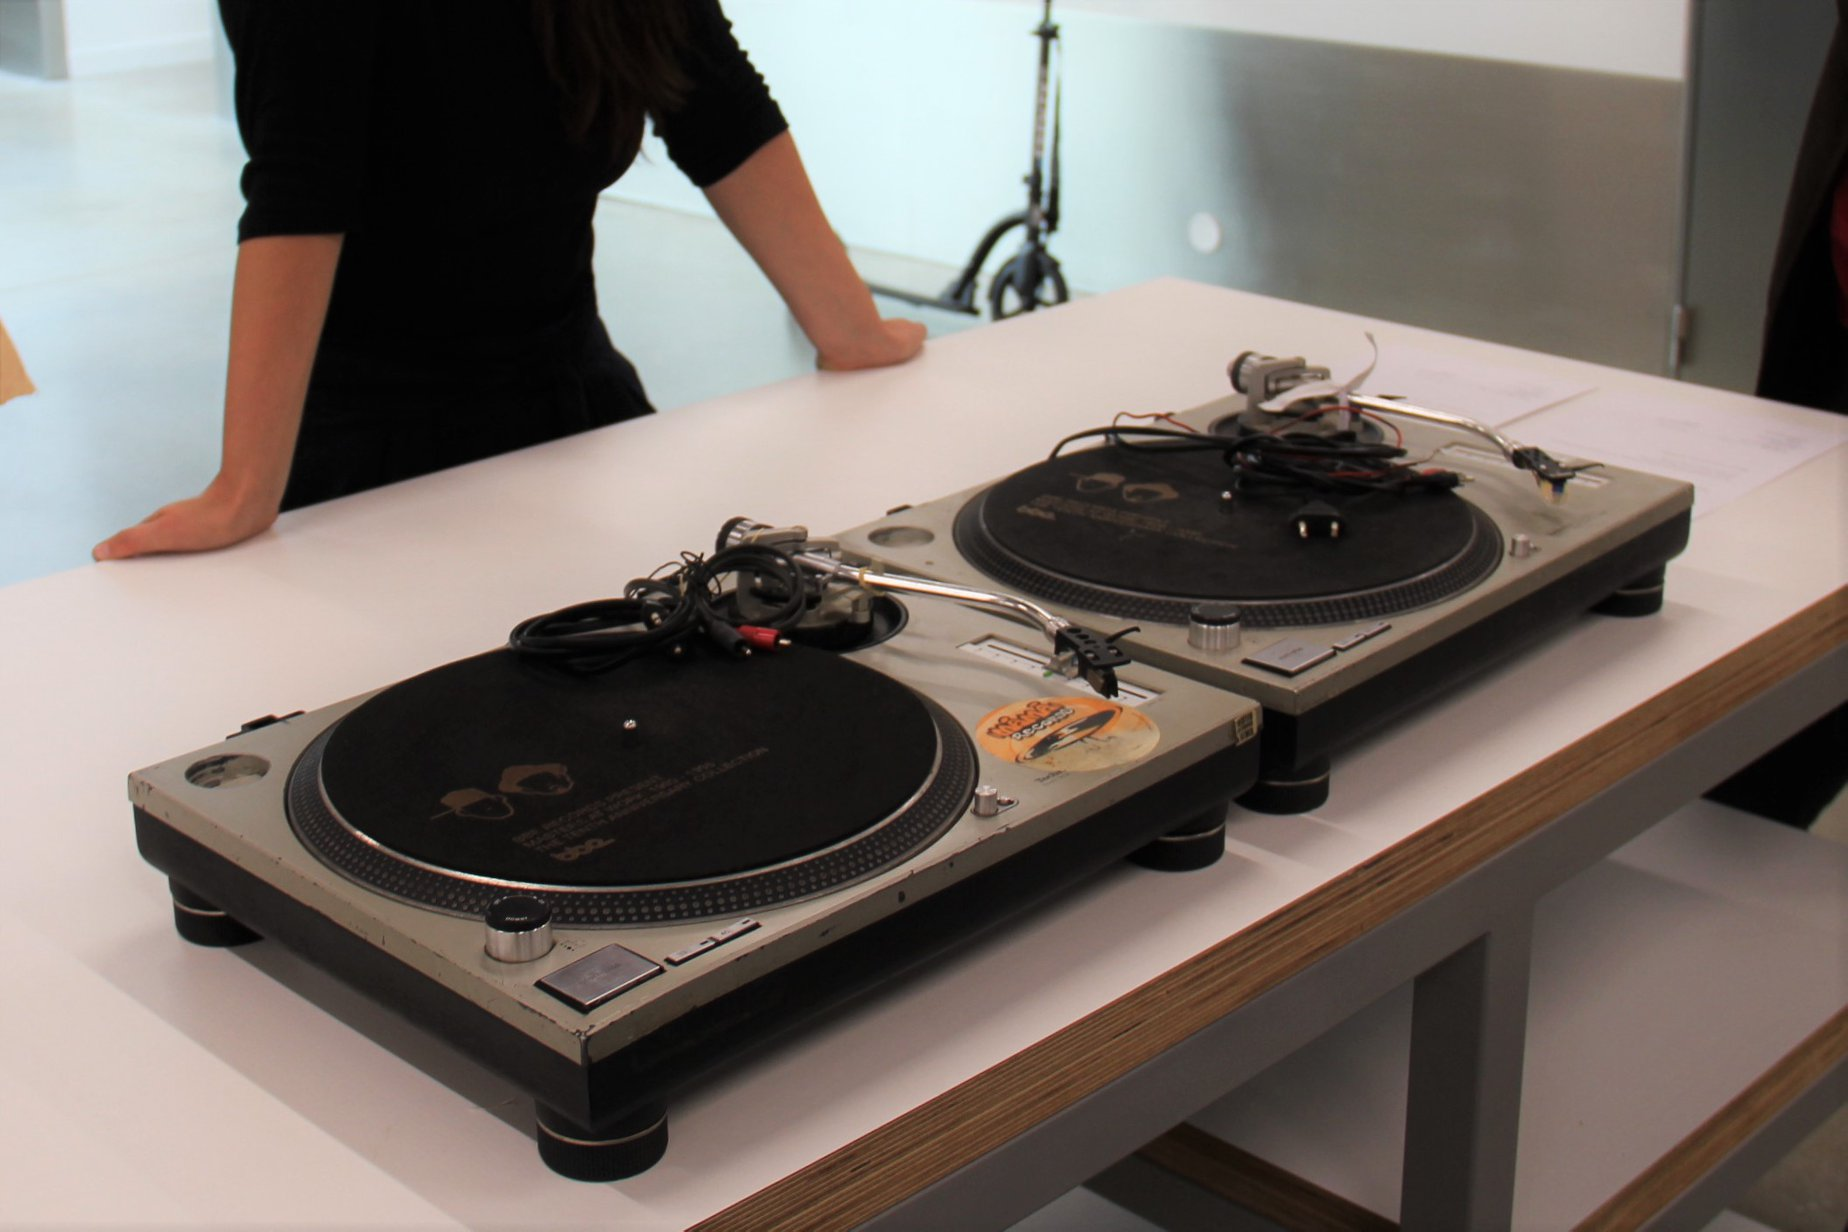 Eesti Rahva Muuseum – Ise tehtud Eesti – Legendaarsed grammofonid Technics SL-1200